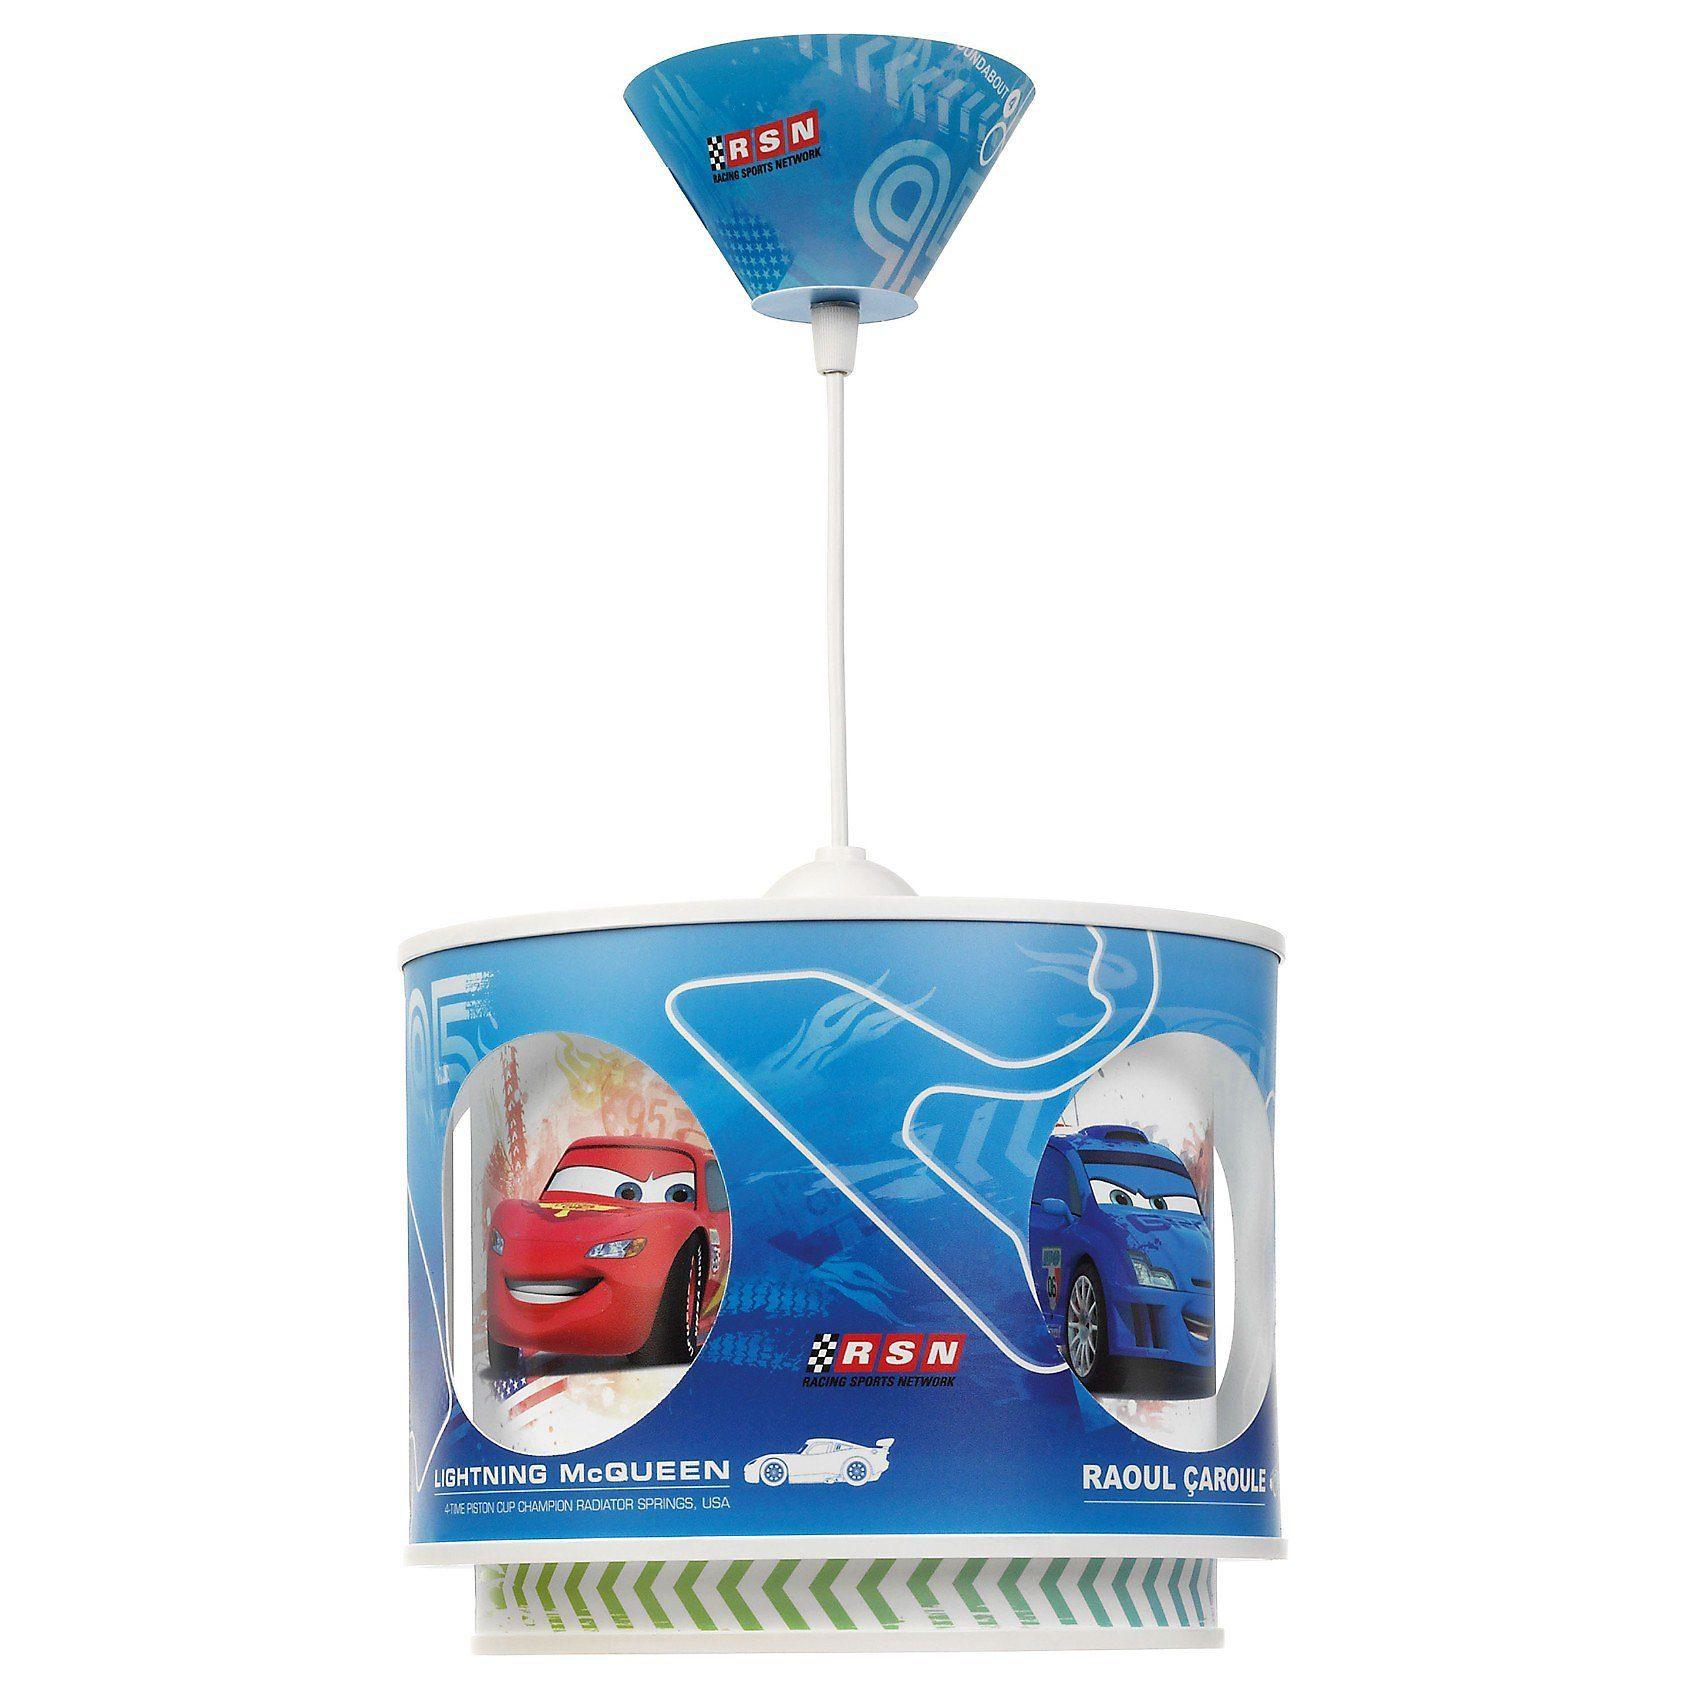 Dalber Hängelampe Cars RSN, blau